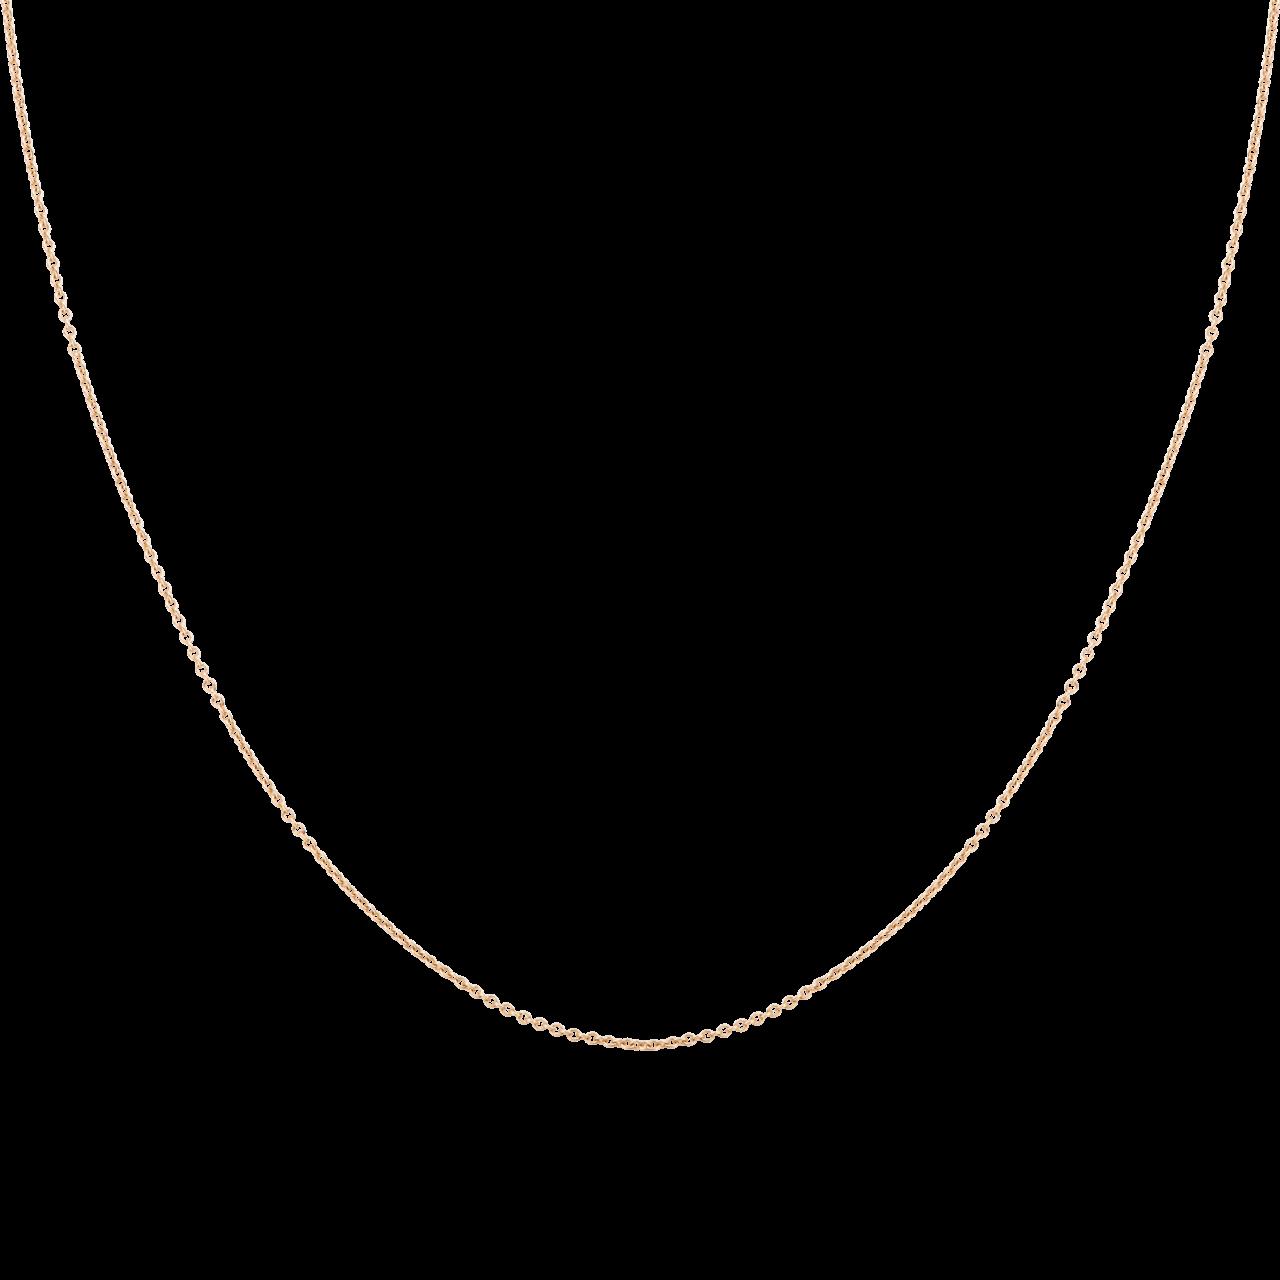 Dây chuyền Vàng 18K PNJ dây đan kiểu chữ cong 0000Y000256